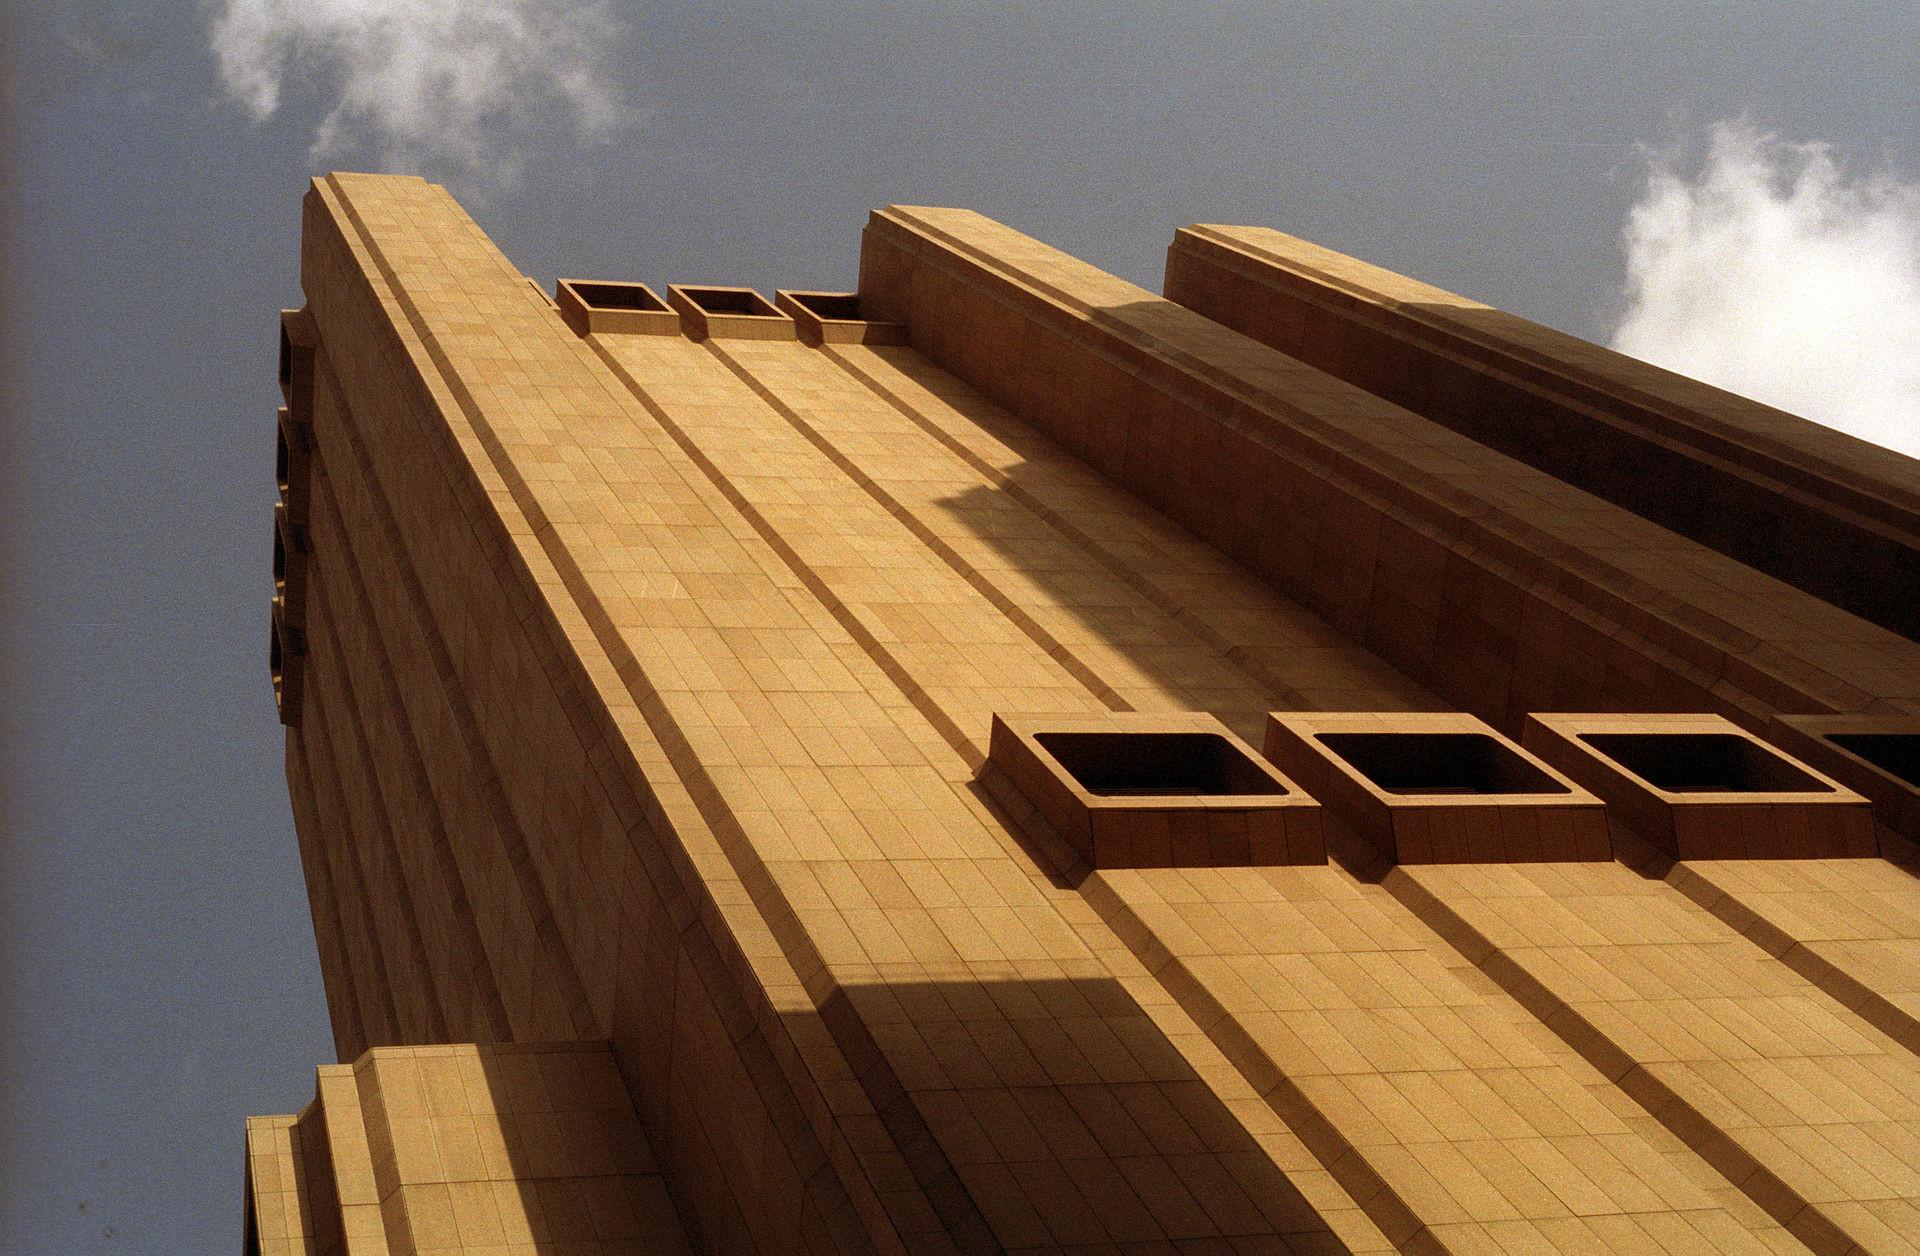 Die brutalistische Lauscharchitektur von NSA und AT&T